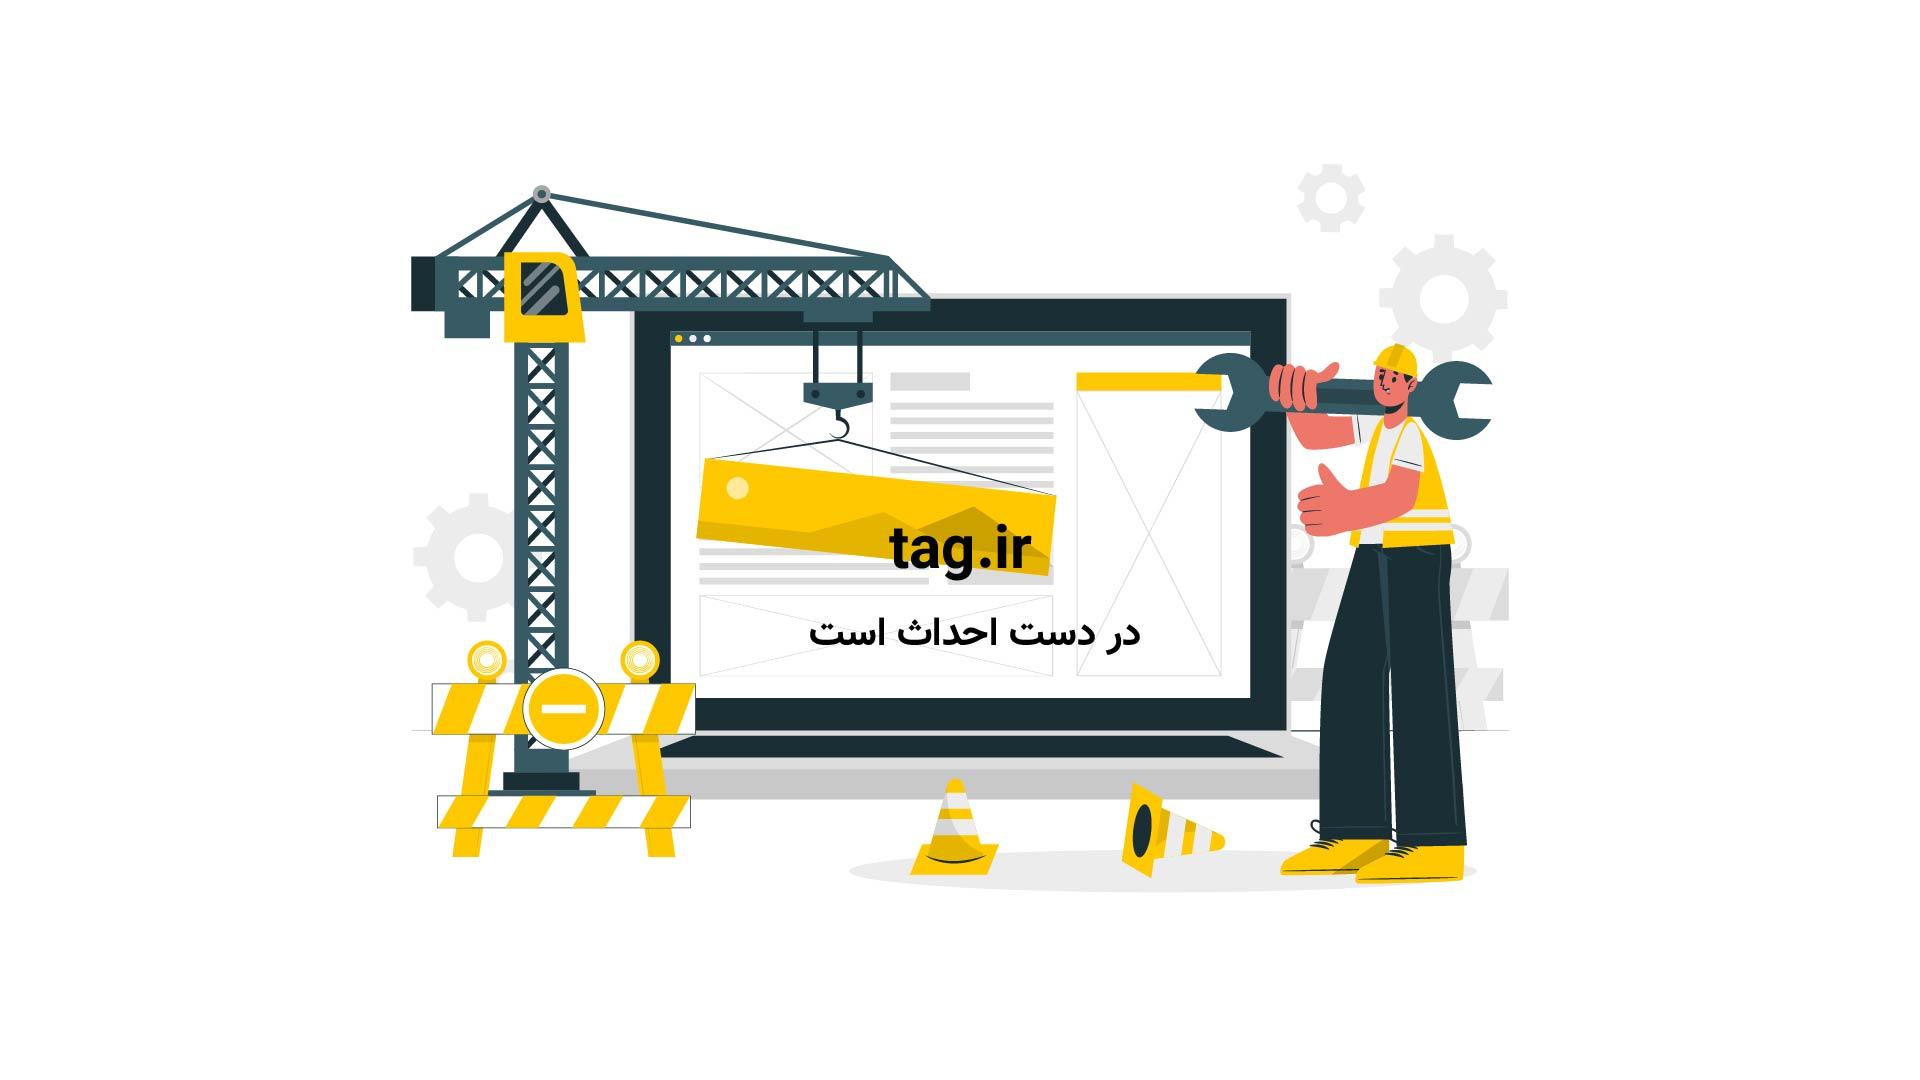 خنده های دلنشین این دو کودک شما را به خنده وادار می کند | فیلم